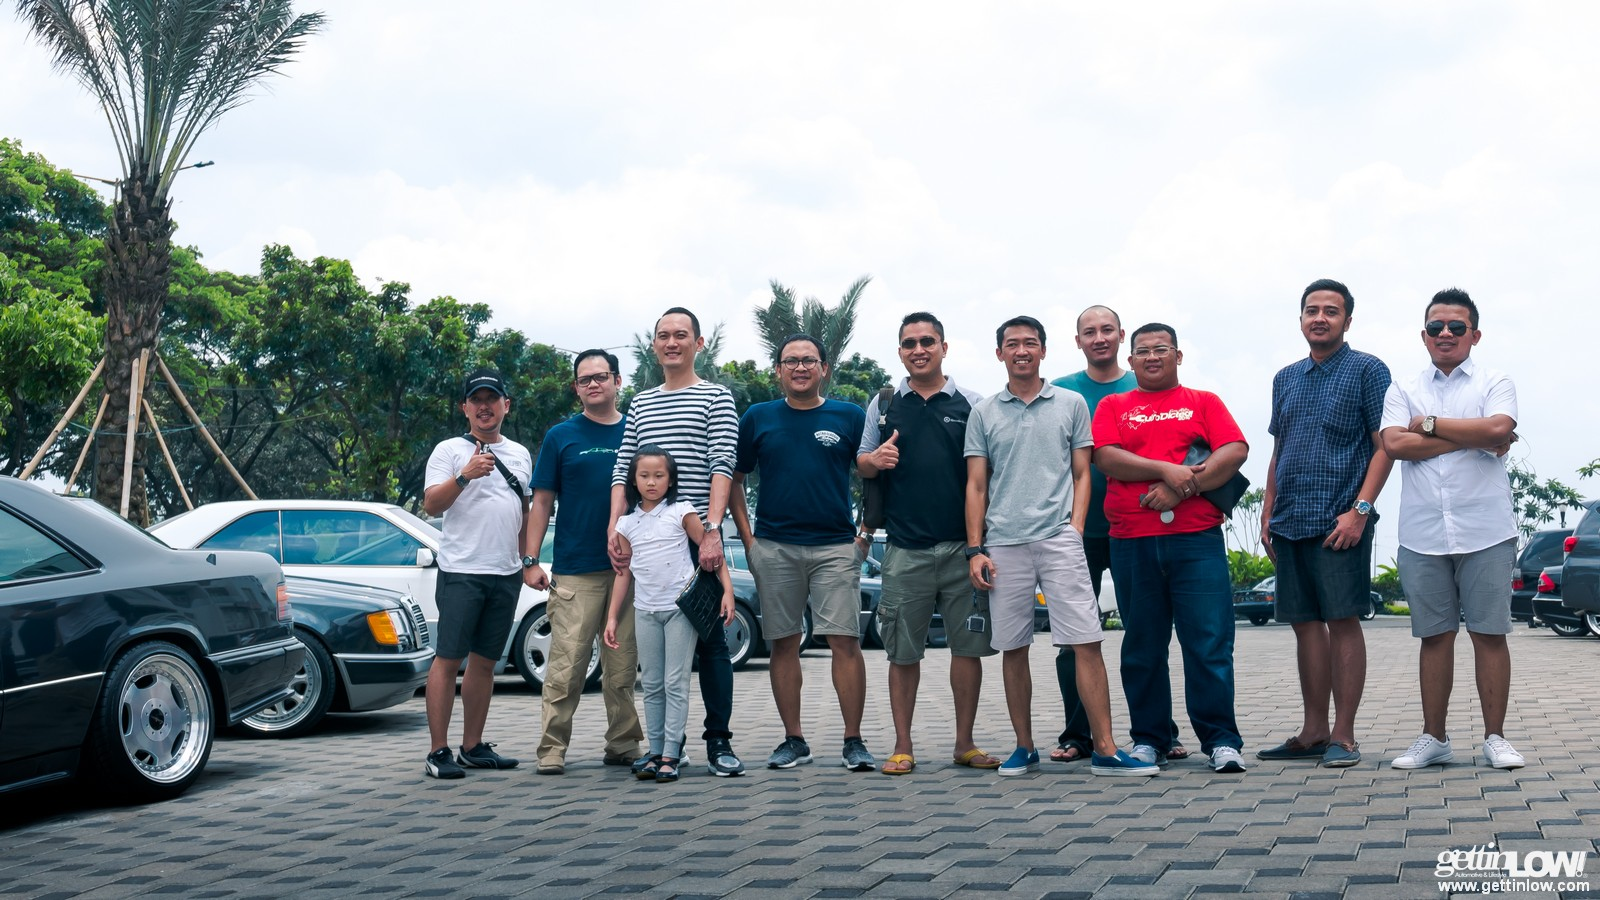 C124 Enthusiasts gathering